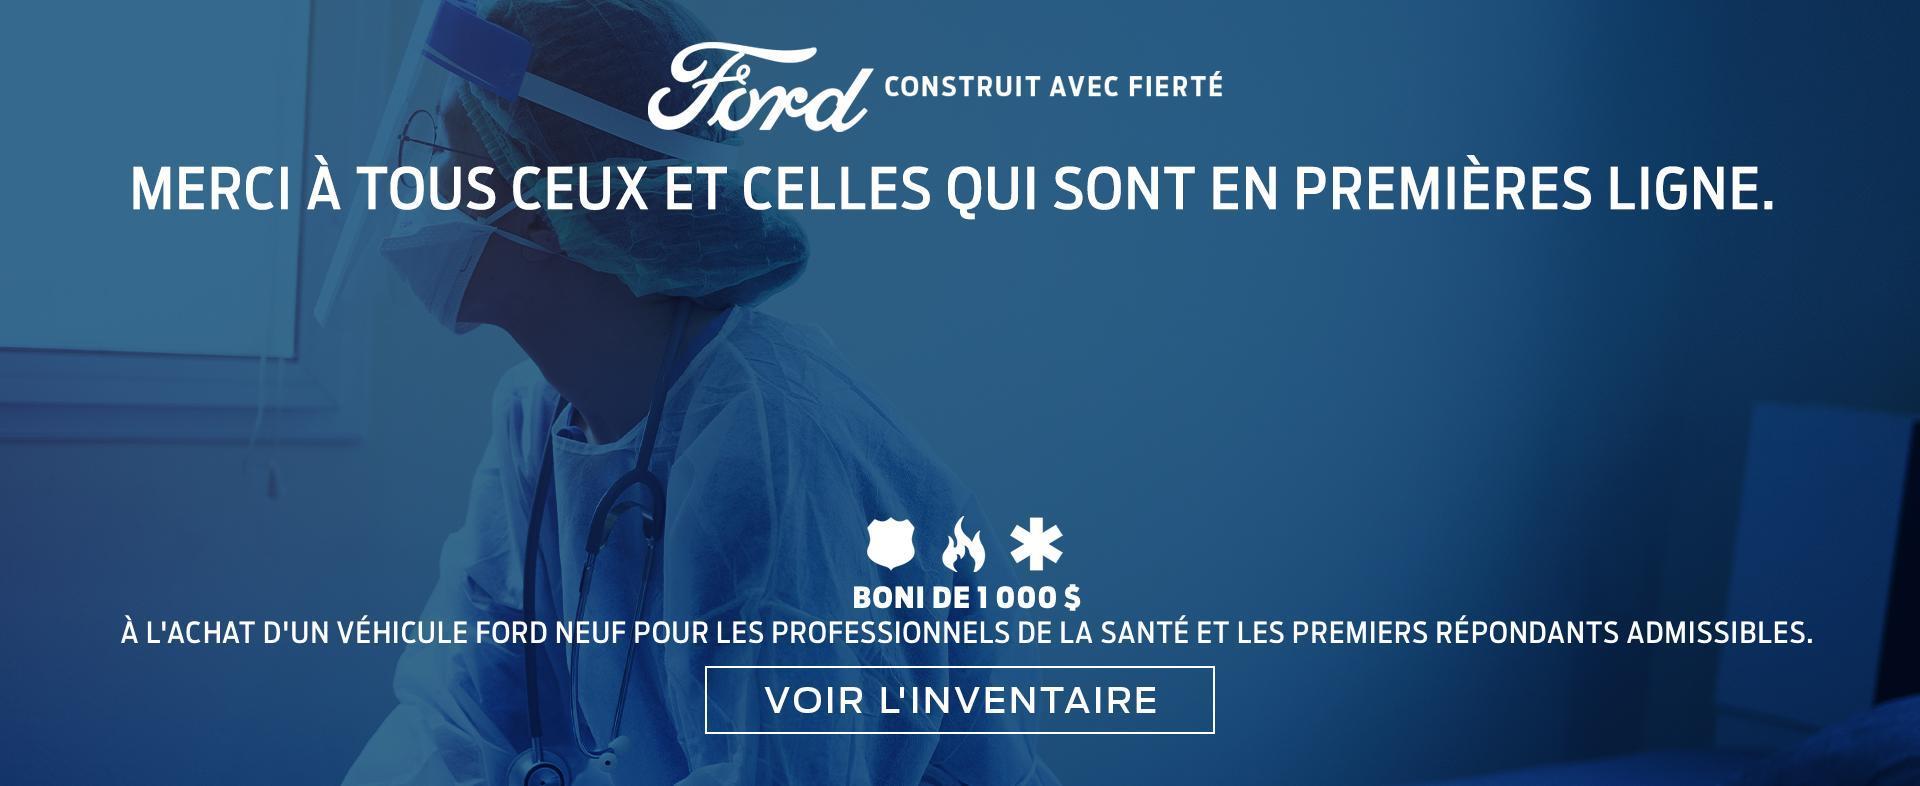 Merci Ford 2020